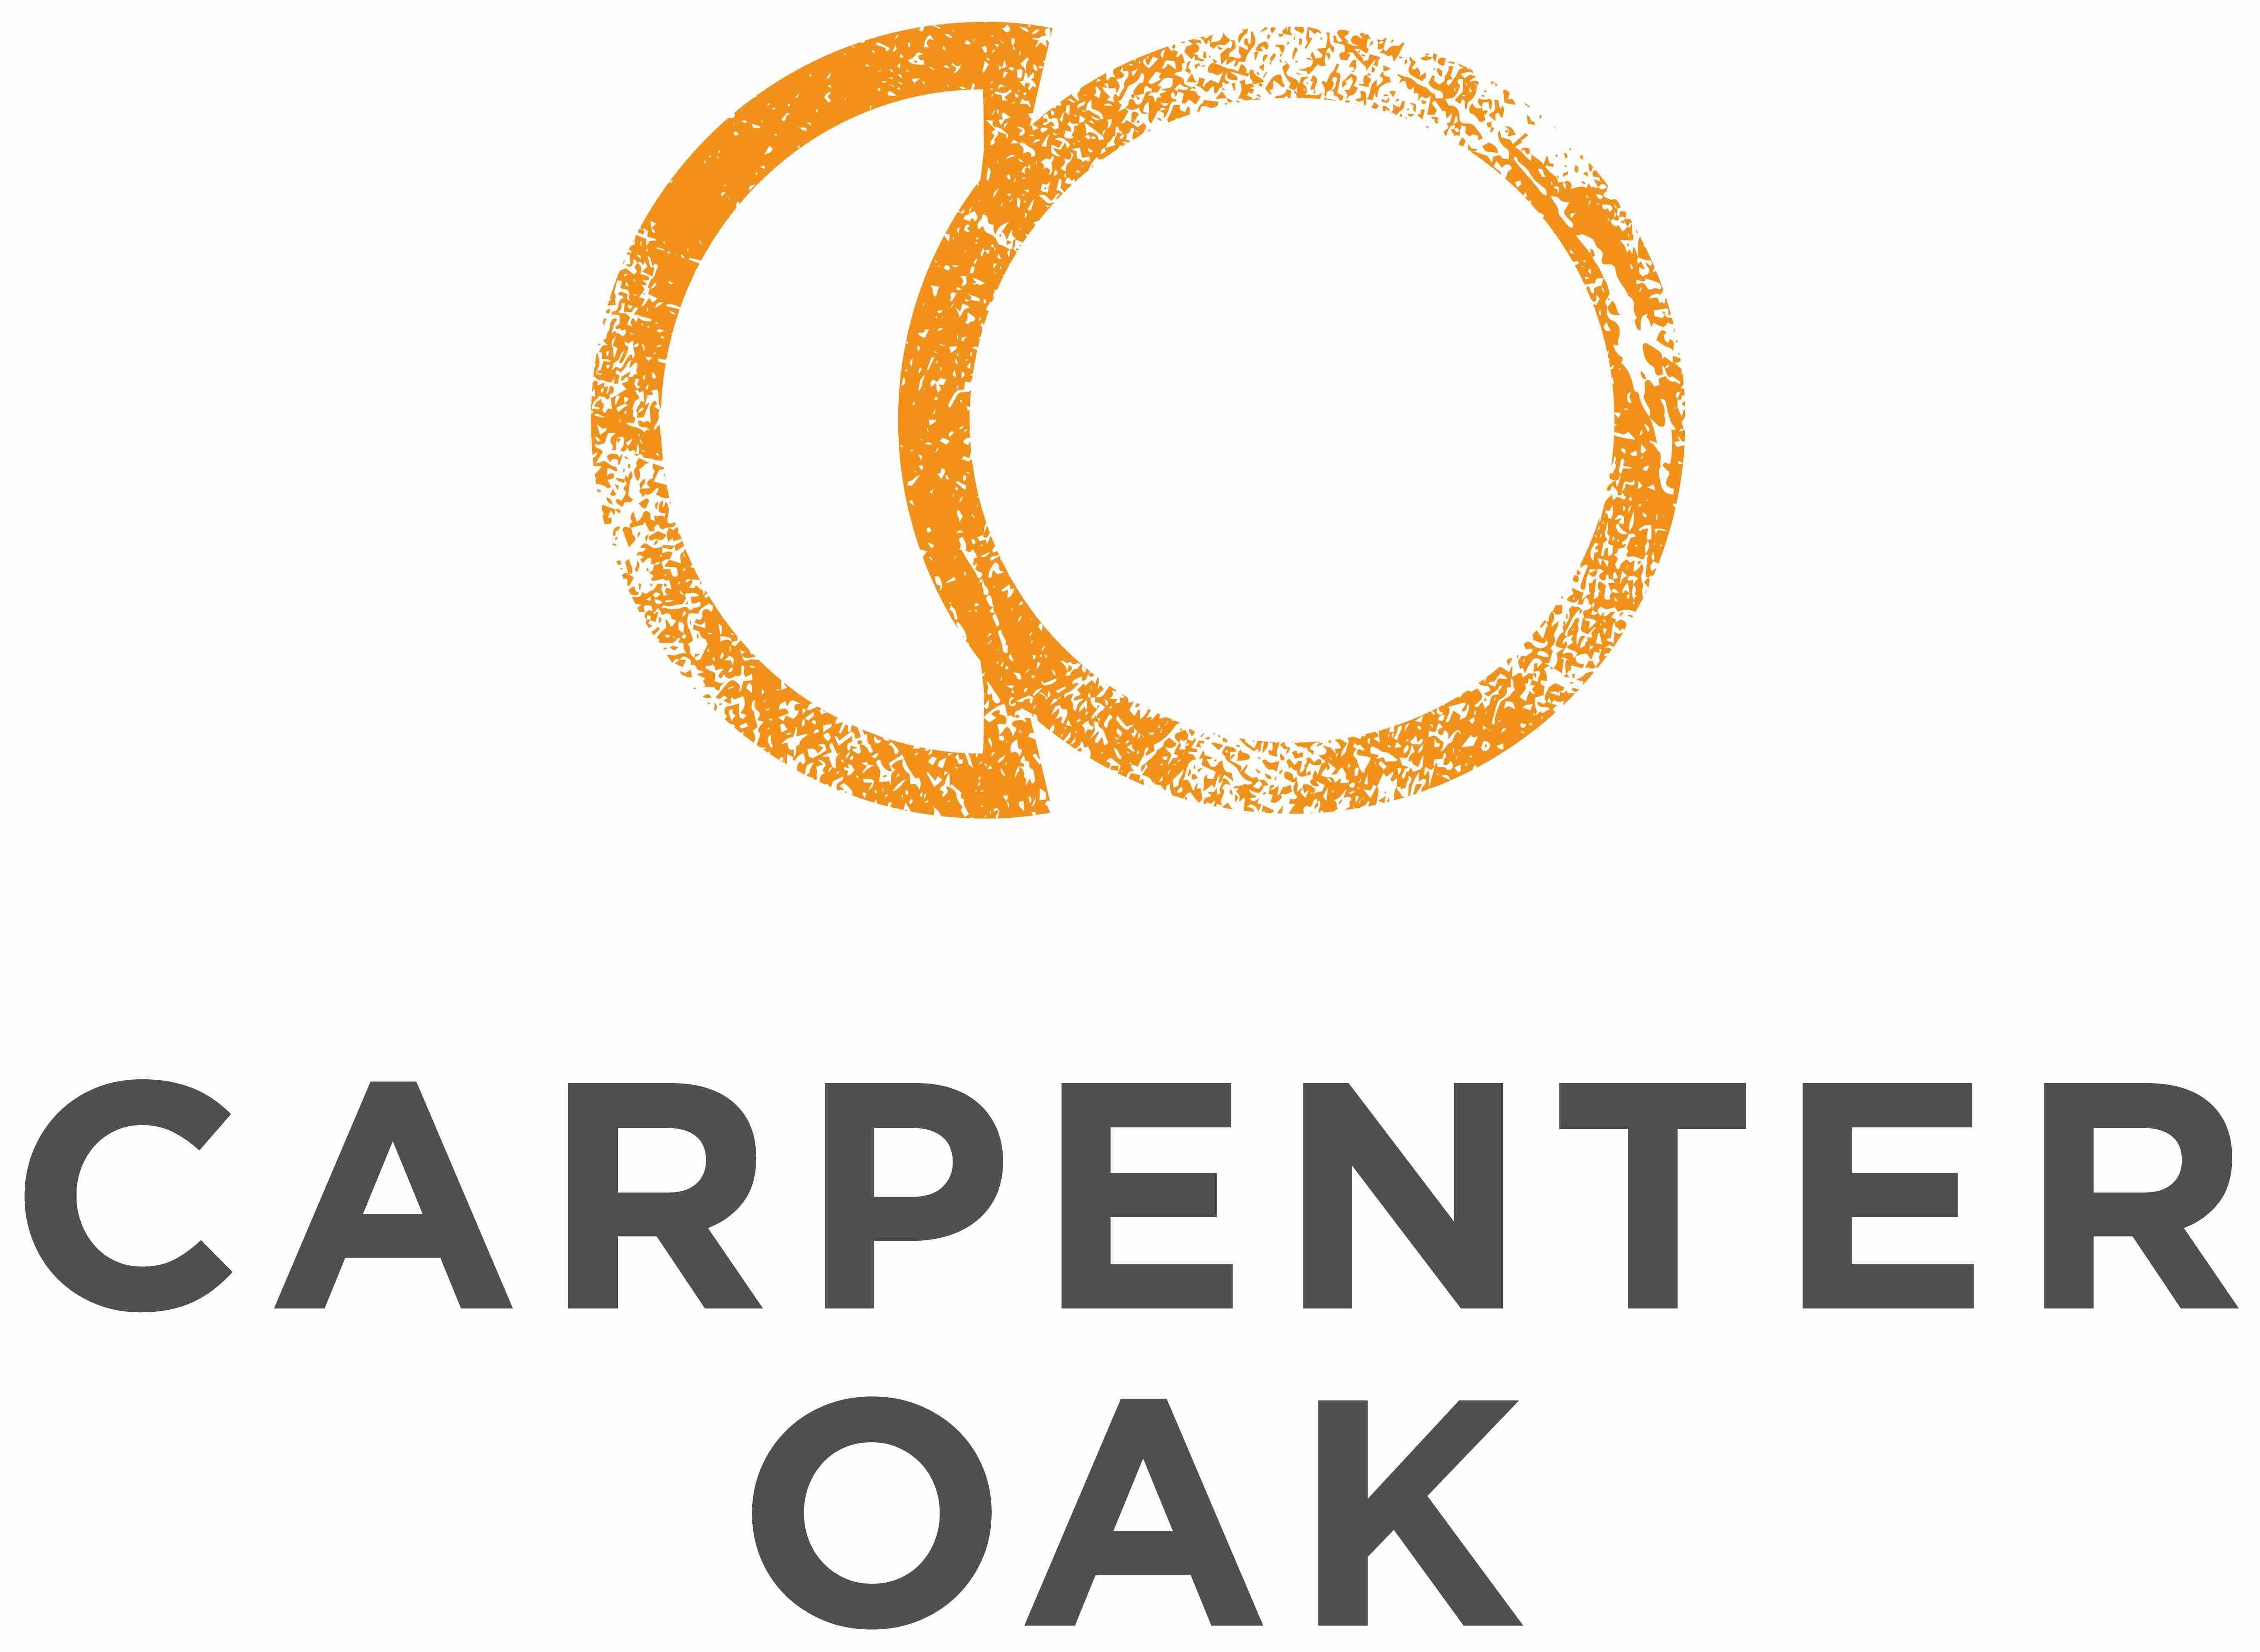 Carpenter Oak